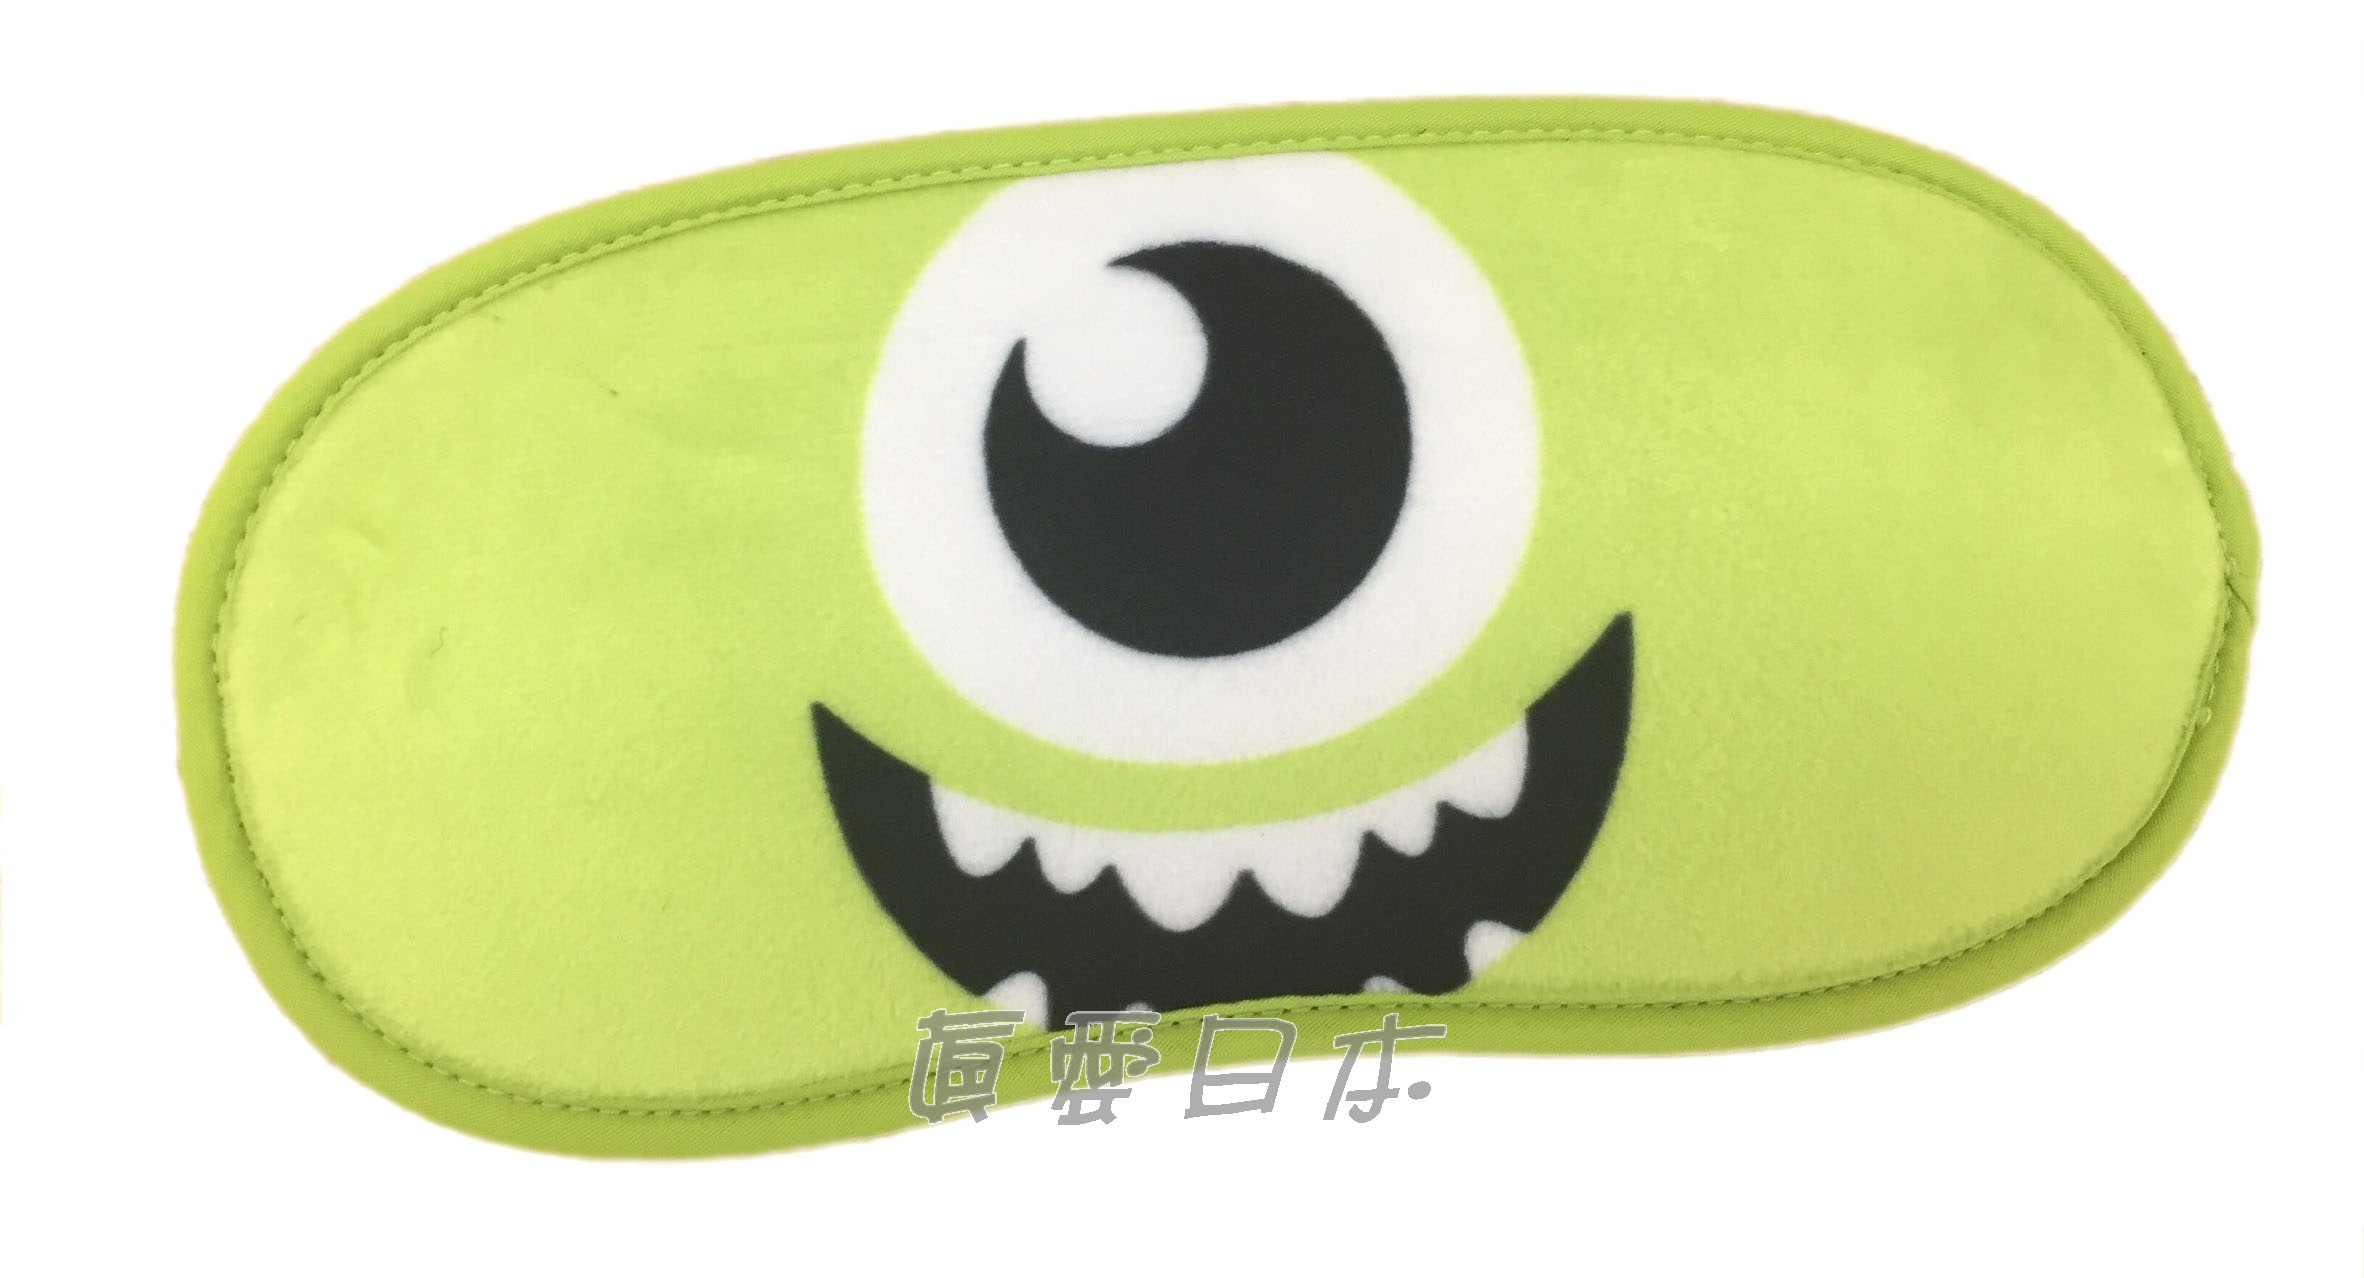 【真愛日本】16070600006 眼罩-大眼仔   迪士尼 怪獸電力公司 怪獸大學  眼罩